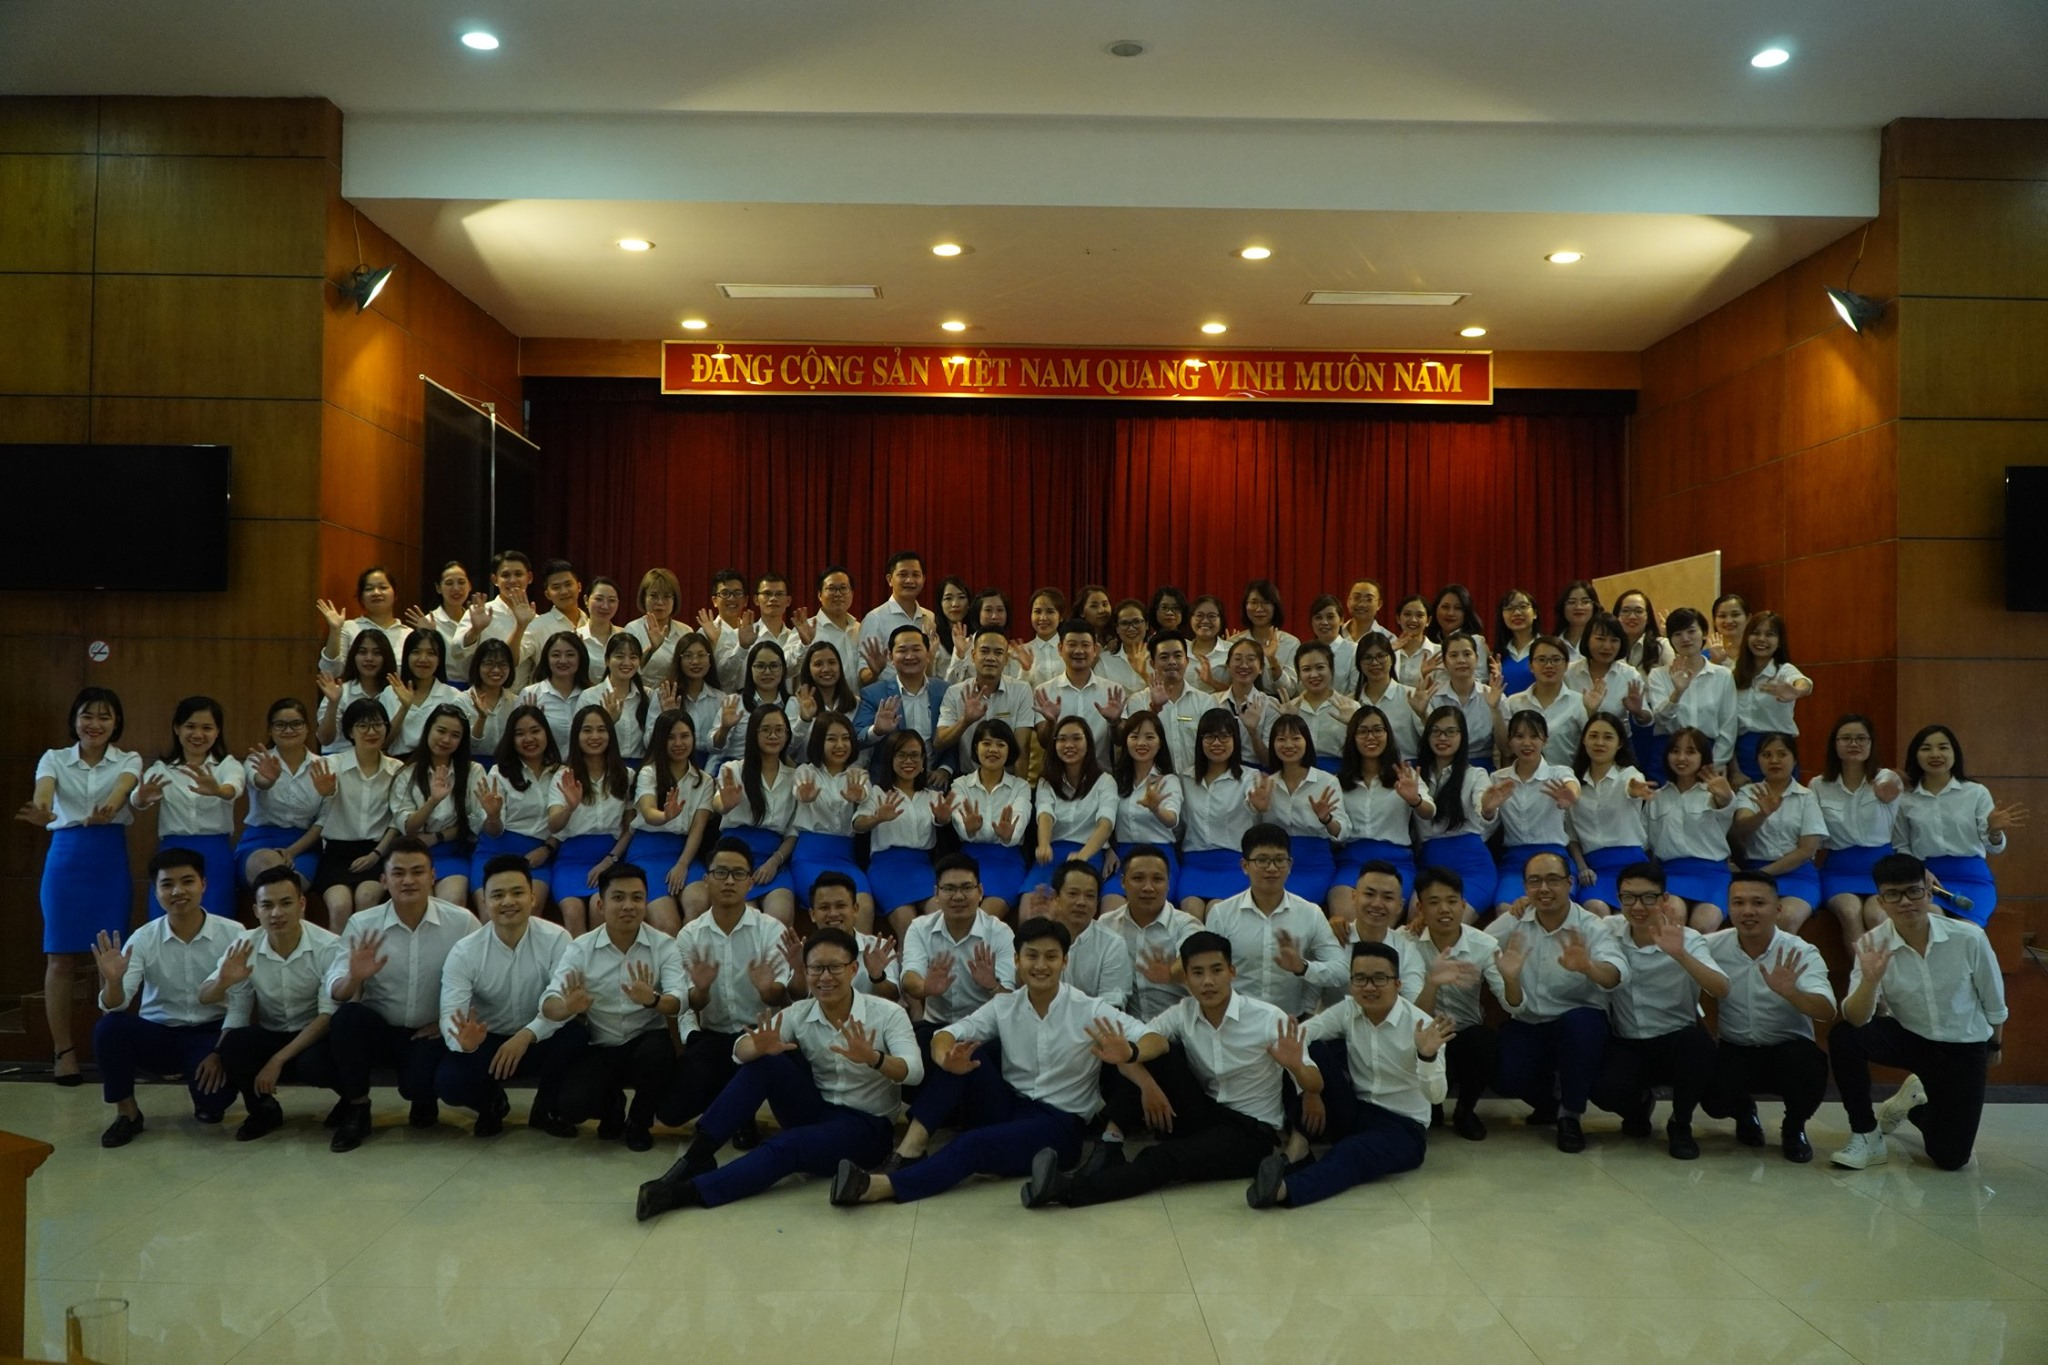 Lớp học siêu to khổng lồ cùng các anh chị em Ocean Edu.